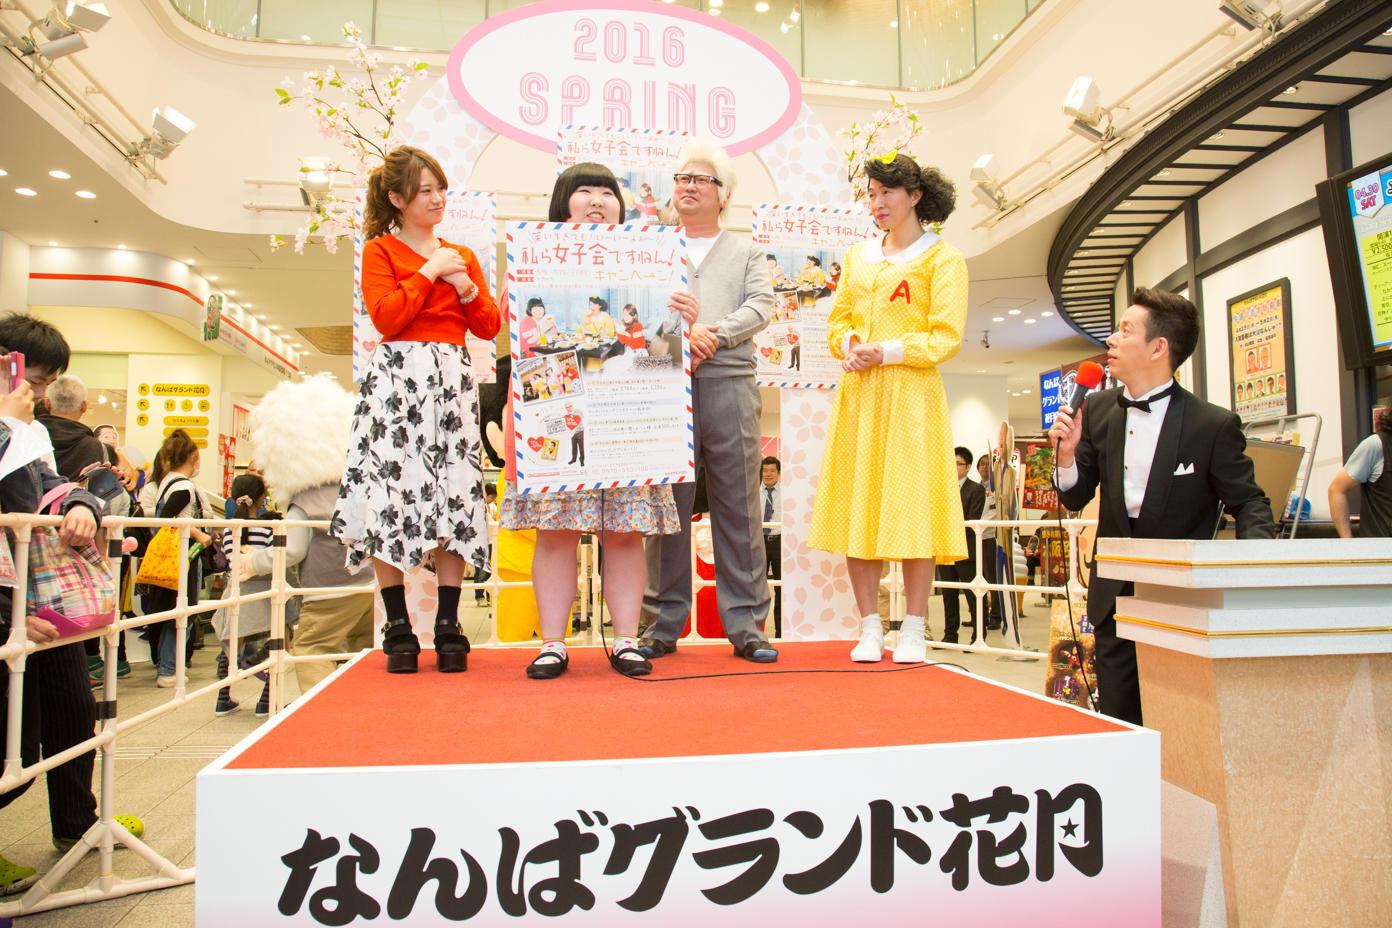 http://news.yoshimoto.co.jp/20160430154345-23d51ef230b8a757fd8ee92e72fa0c678fab1262.jpg